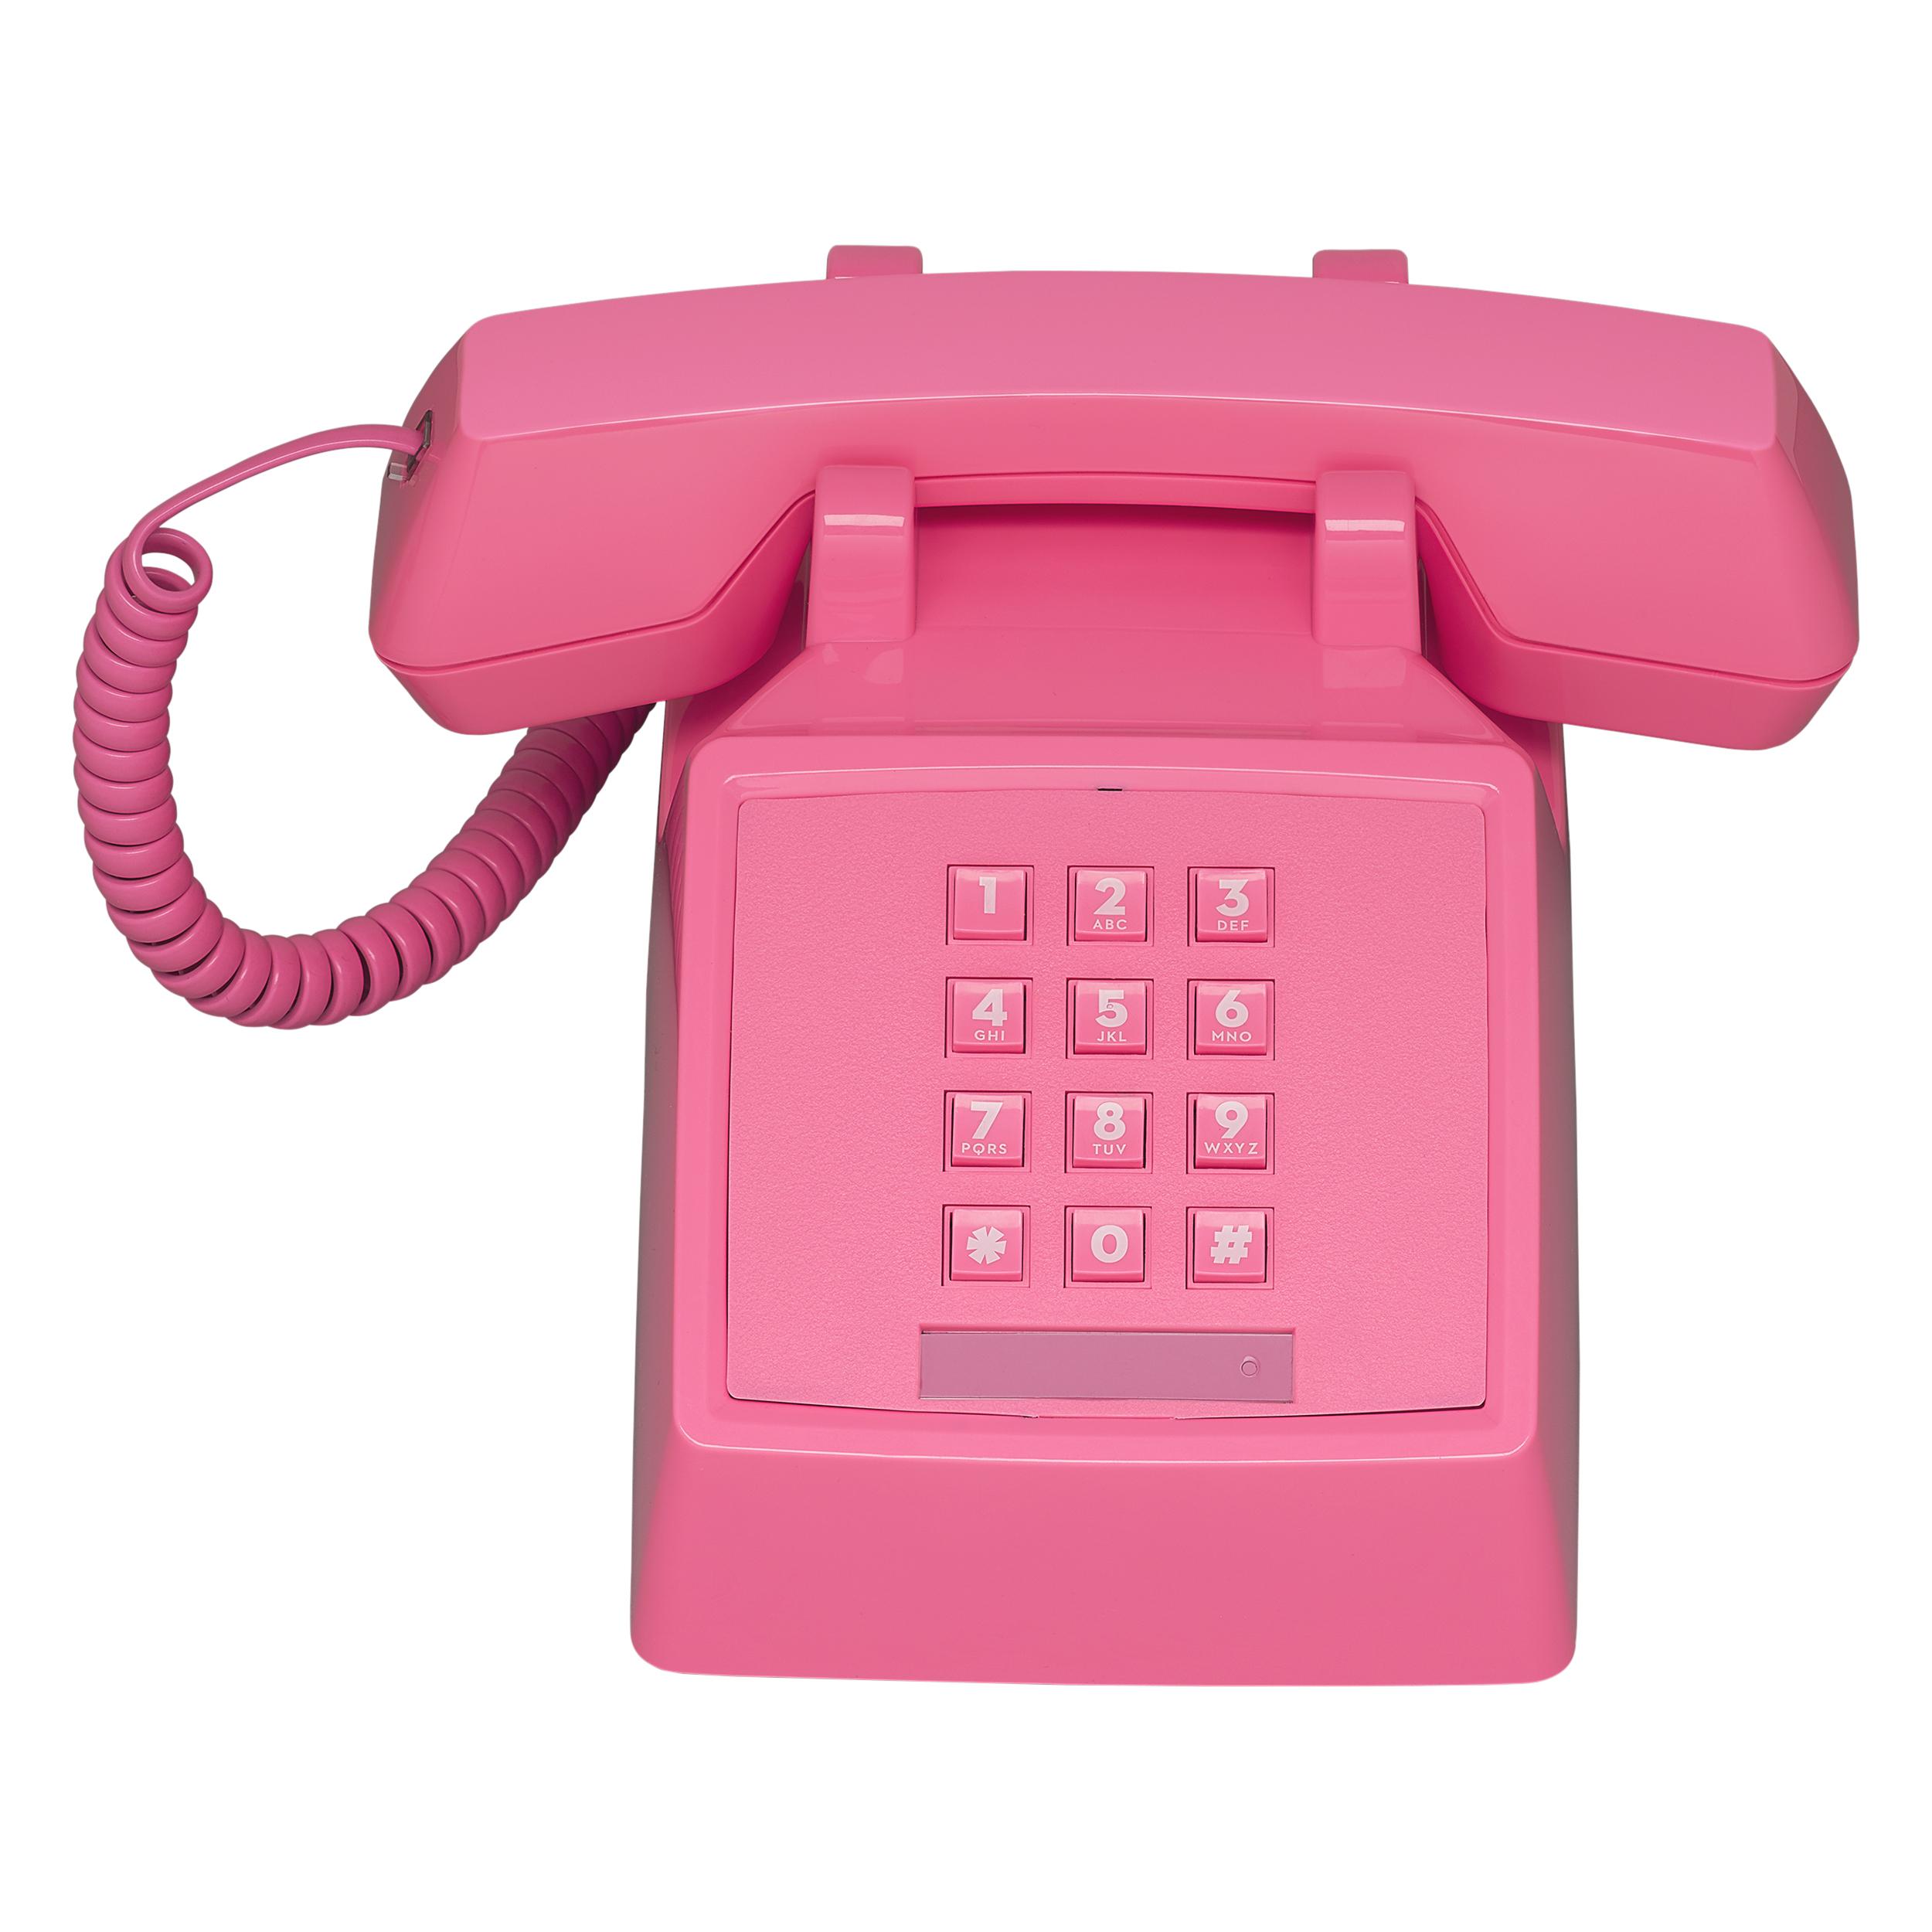 Retro 2500 Series Corded Landline Phone